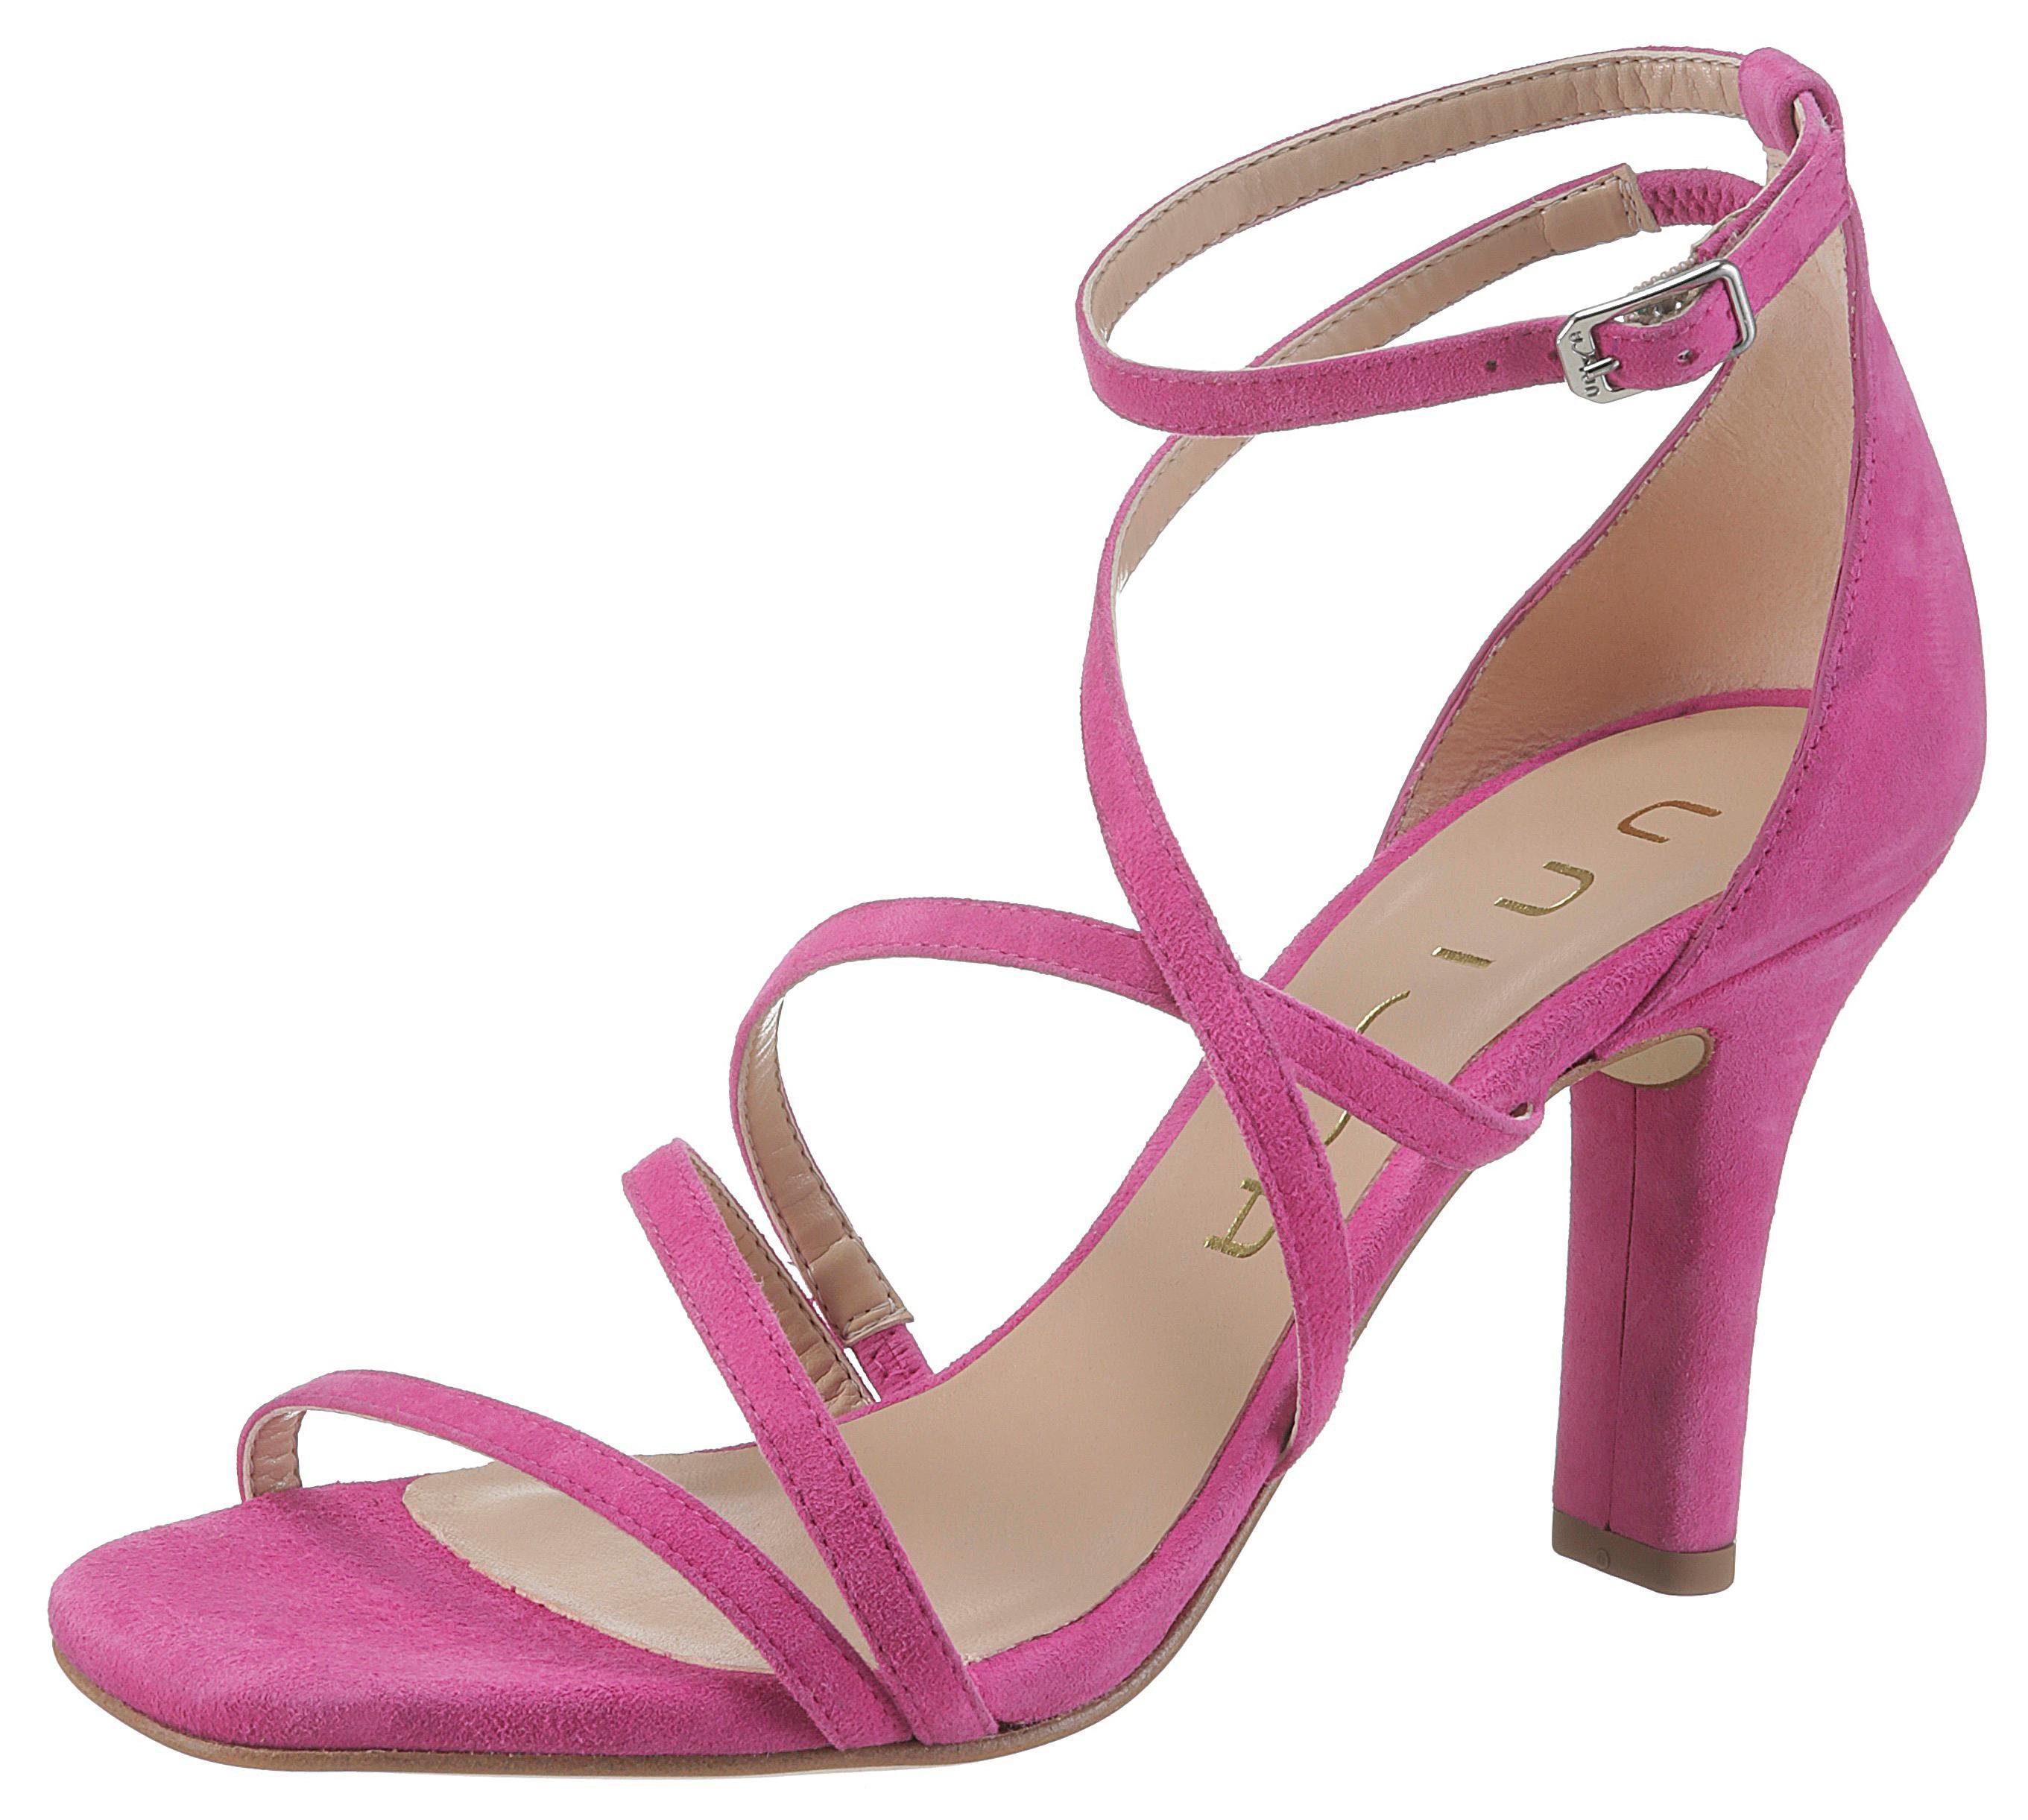 Zarten Riemchen Online KaufenOtto Sandalette Unisa Mit Lq4A5jc3R